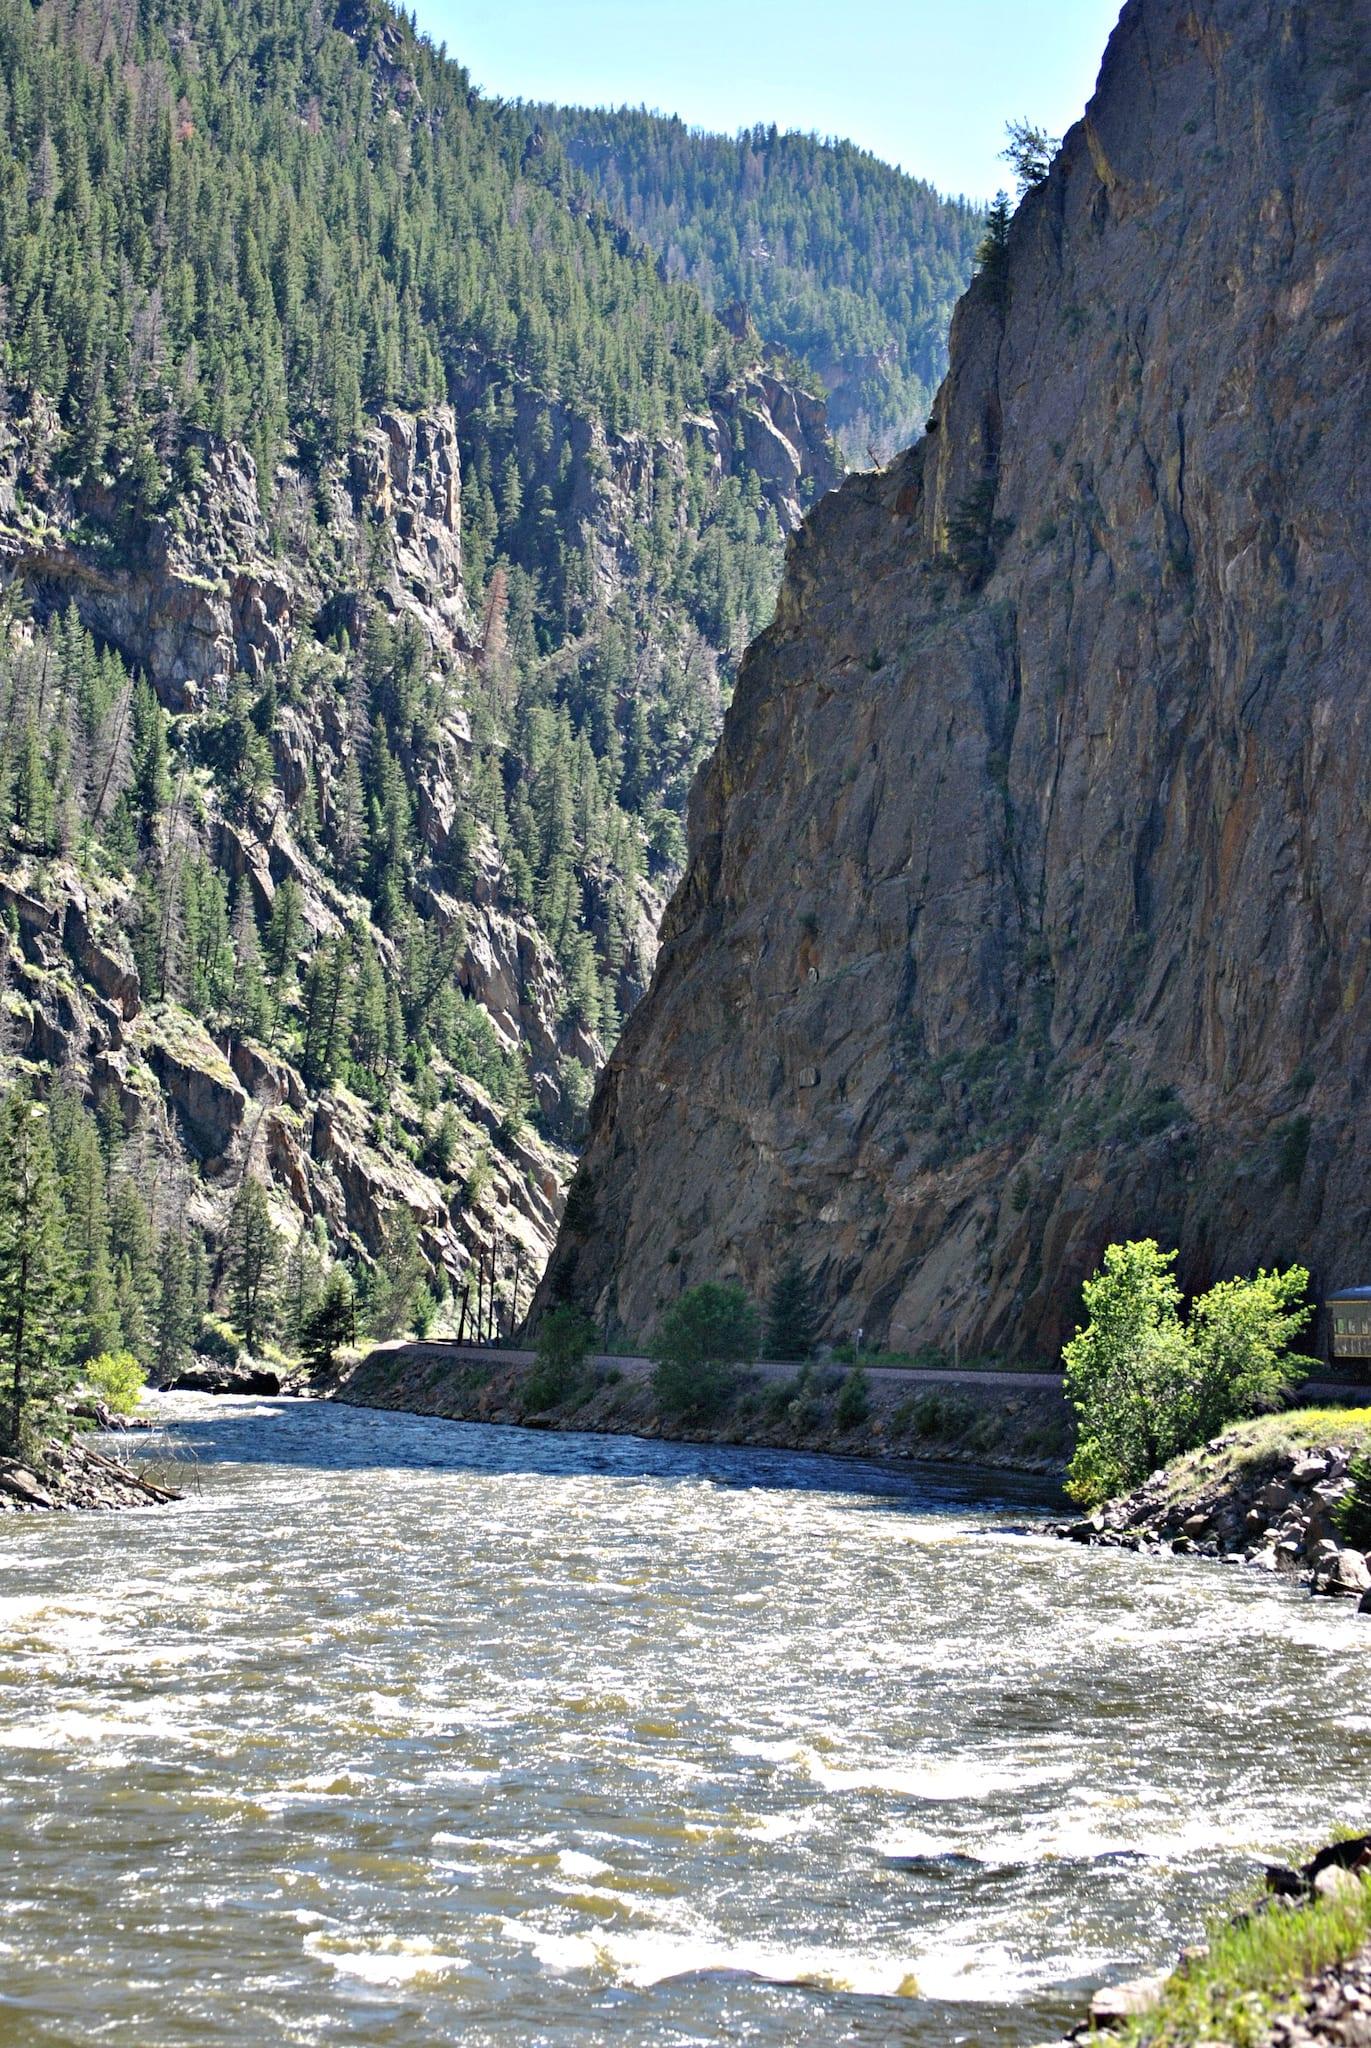 Colorado River Gore Canyon California Zephyr Train